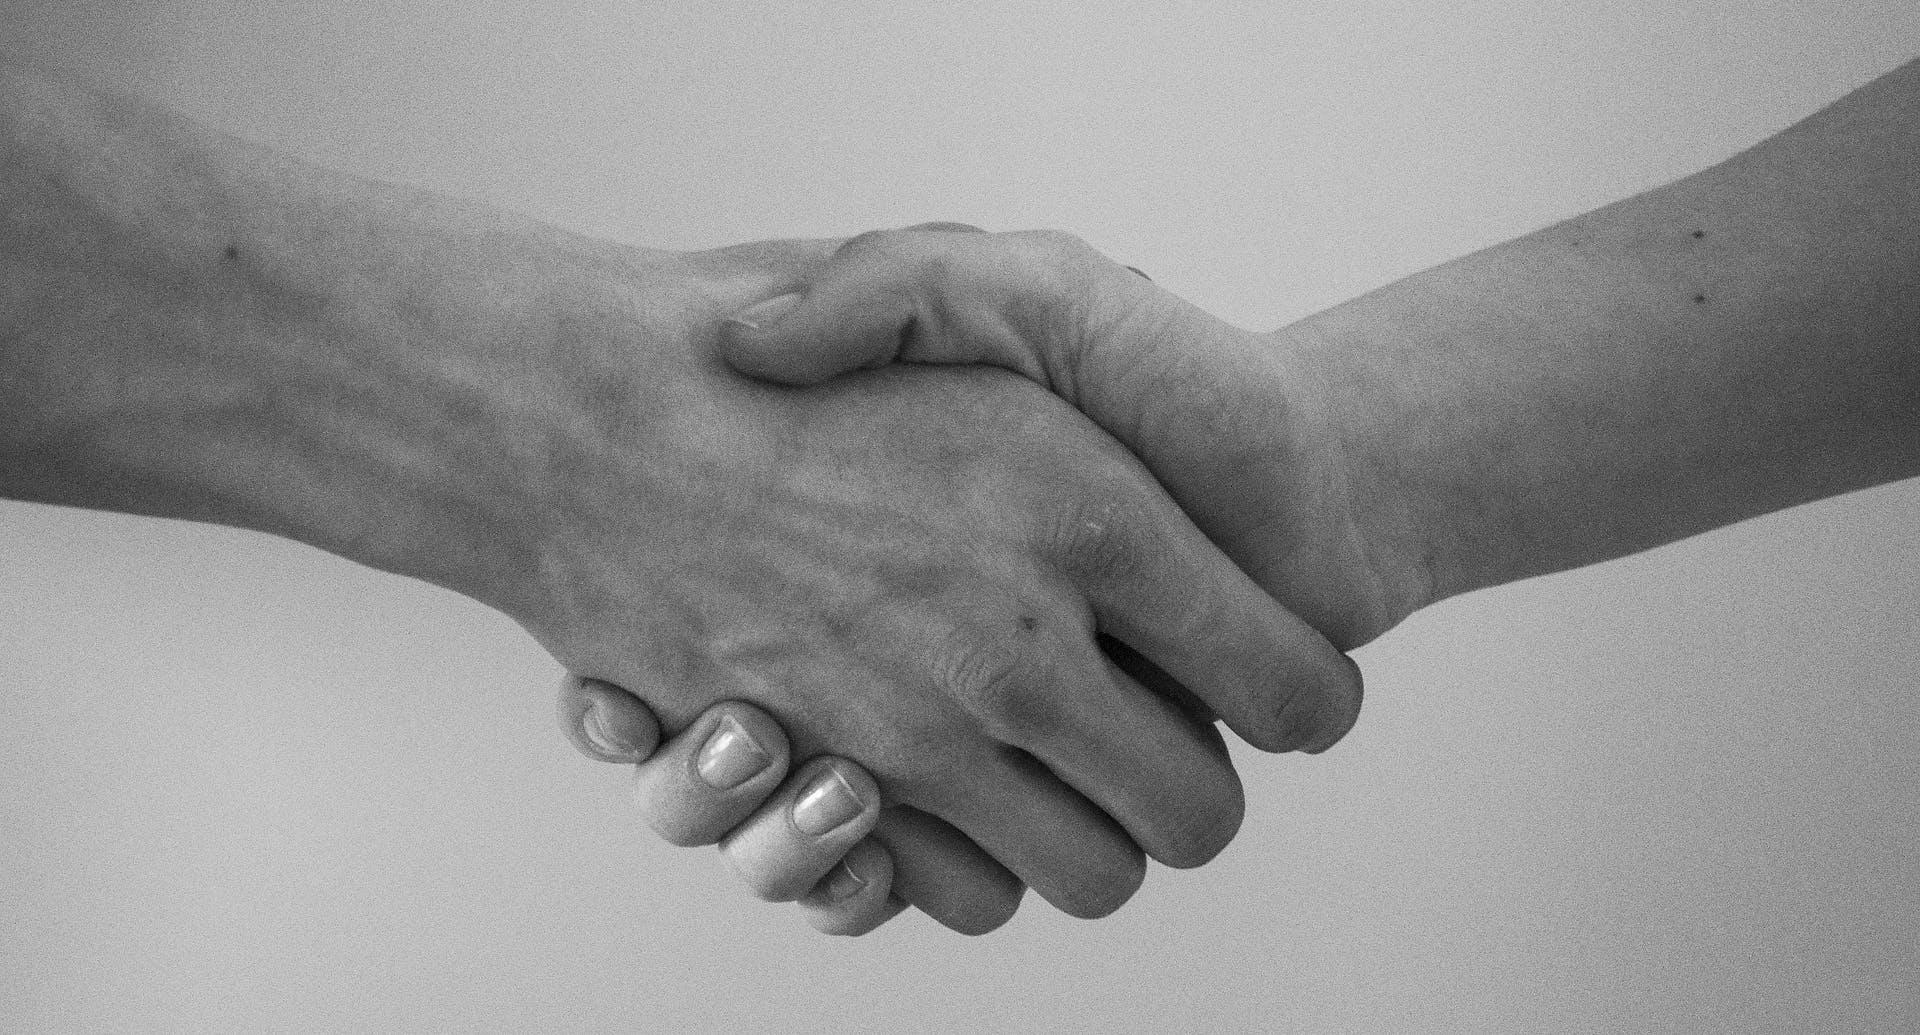 bénévoles association benevolt